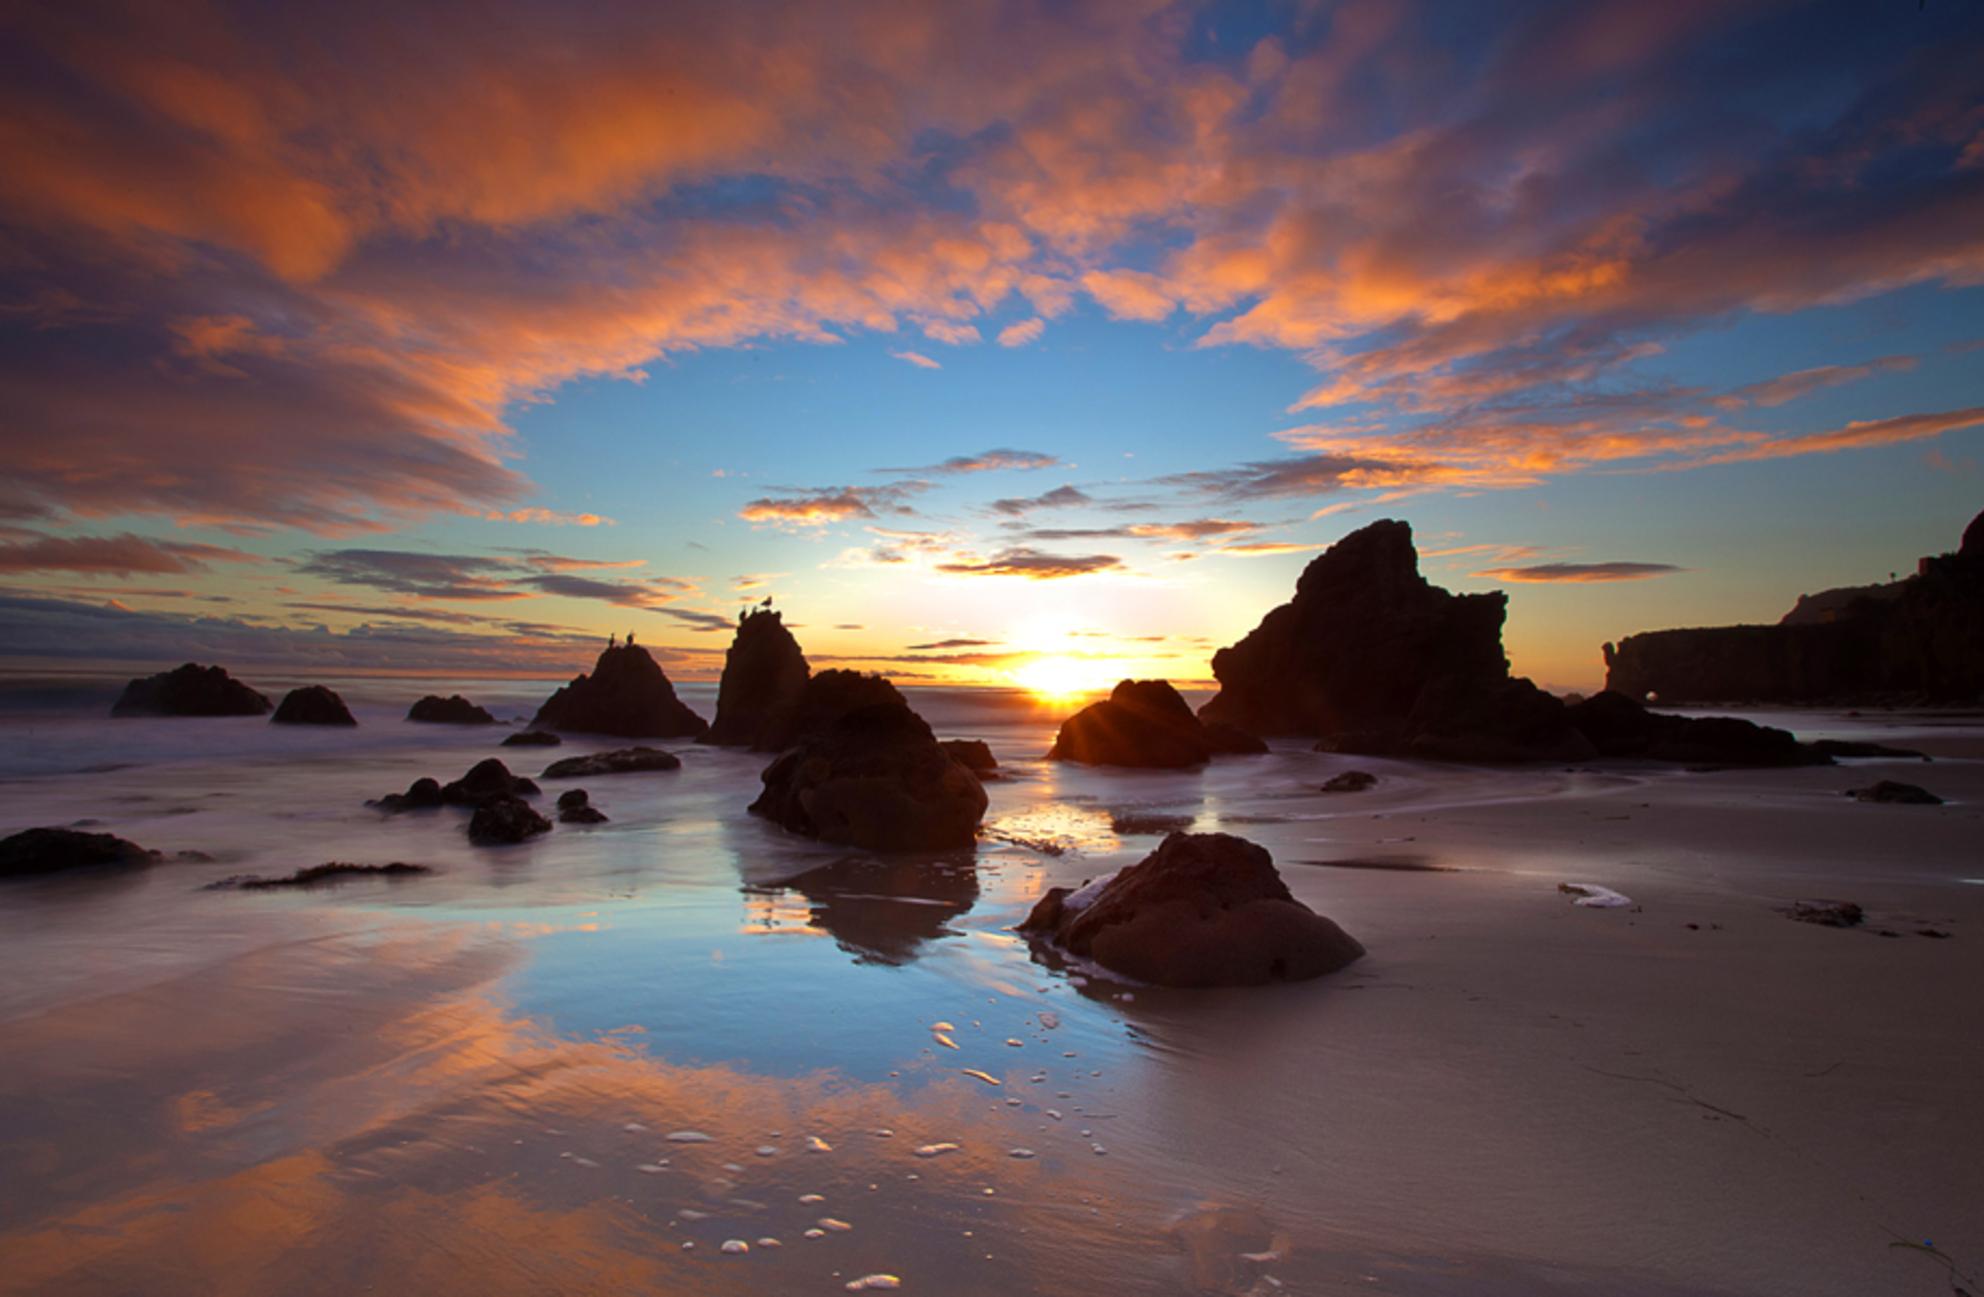 Californian Sunset - Zonsondergang in Malibu, Californië. Gemaakt met een Lee GND 0.9 filter en een Singh ray reverse GND filter. - foto door elusive op 26-12-2010 - deze foto bevat: strand, reizen, canon, kust, californie, california, malibu, jorinde van ringen, el matador, jinna van ringen